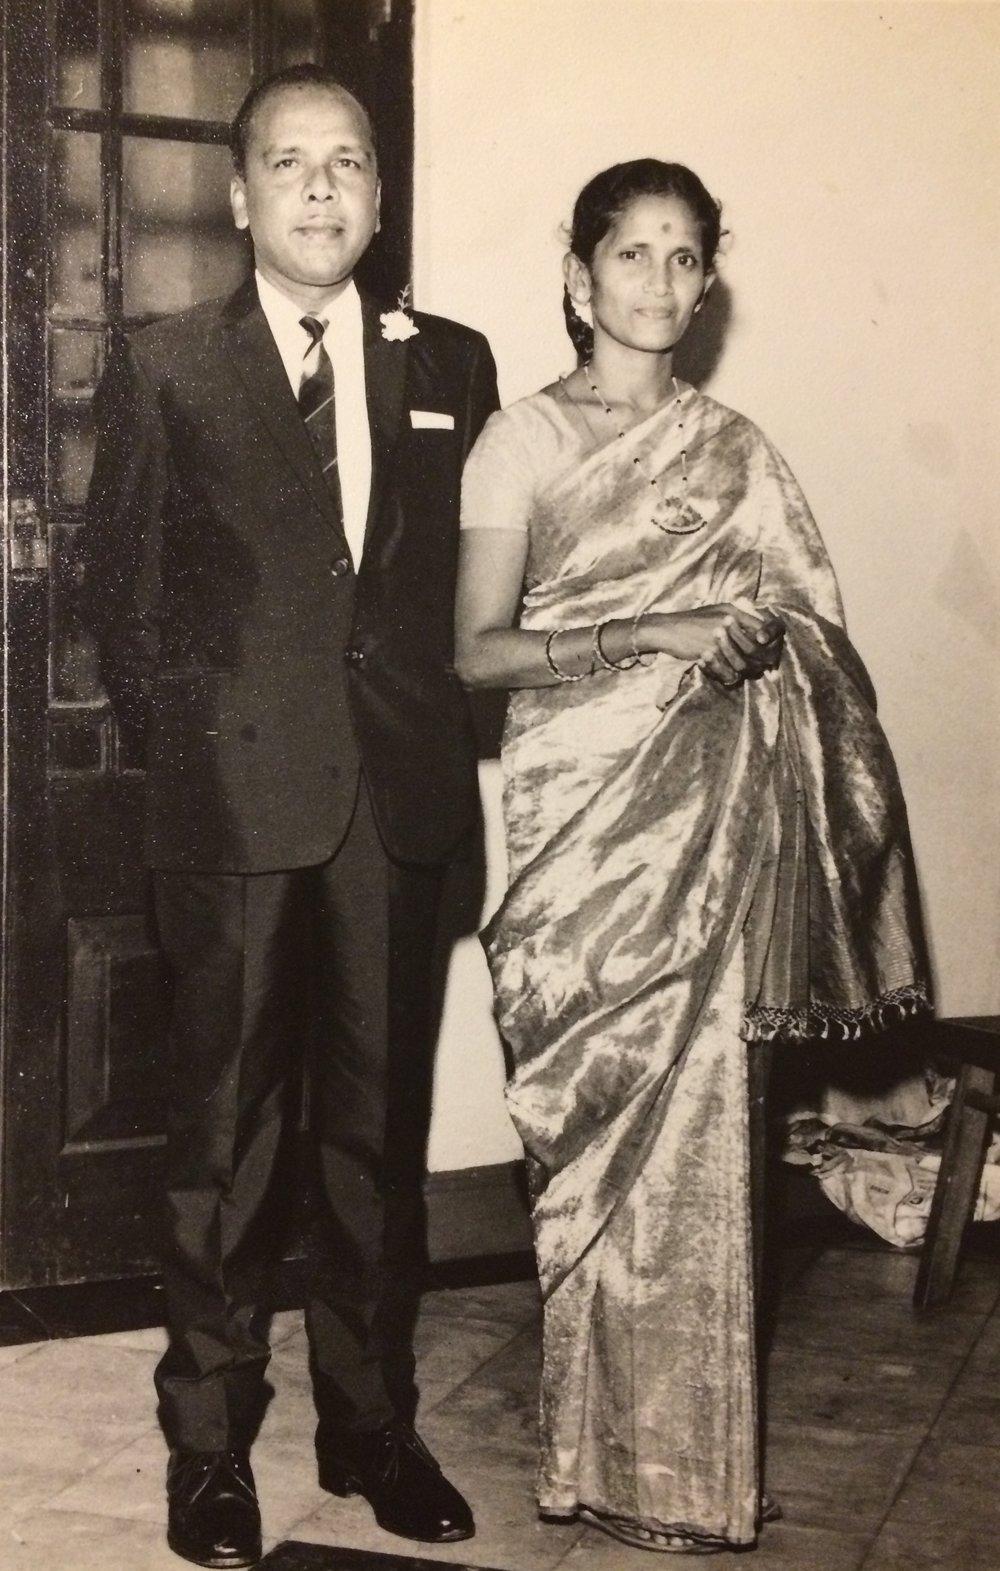 Mary and Thomas Daniel, 1950's